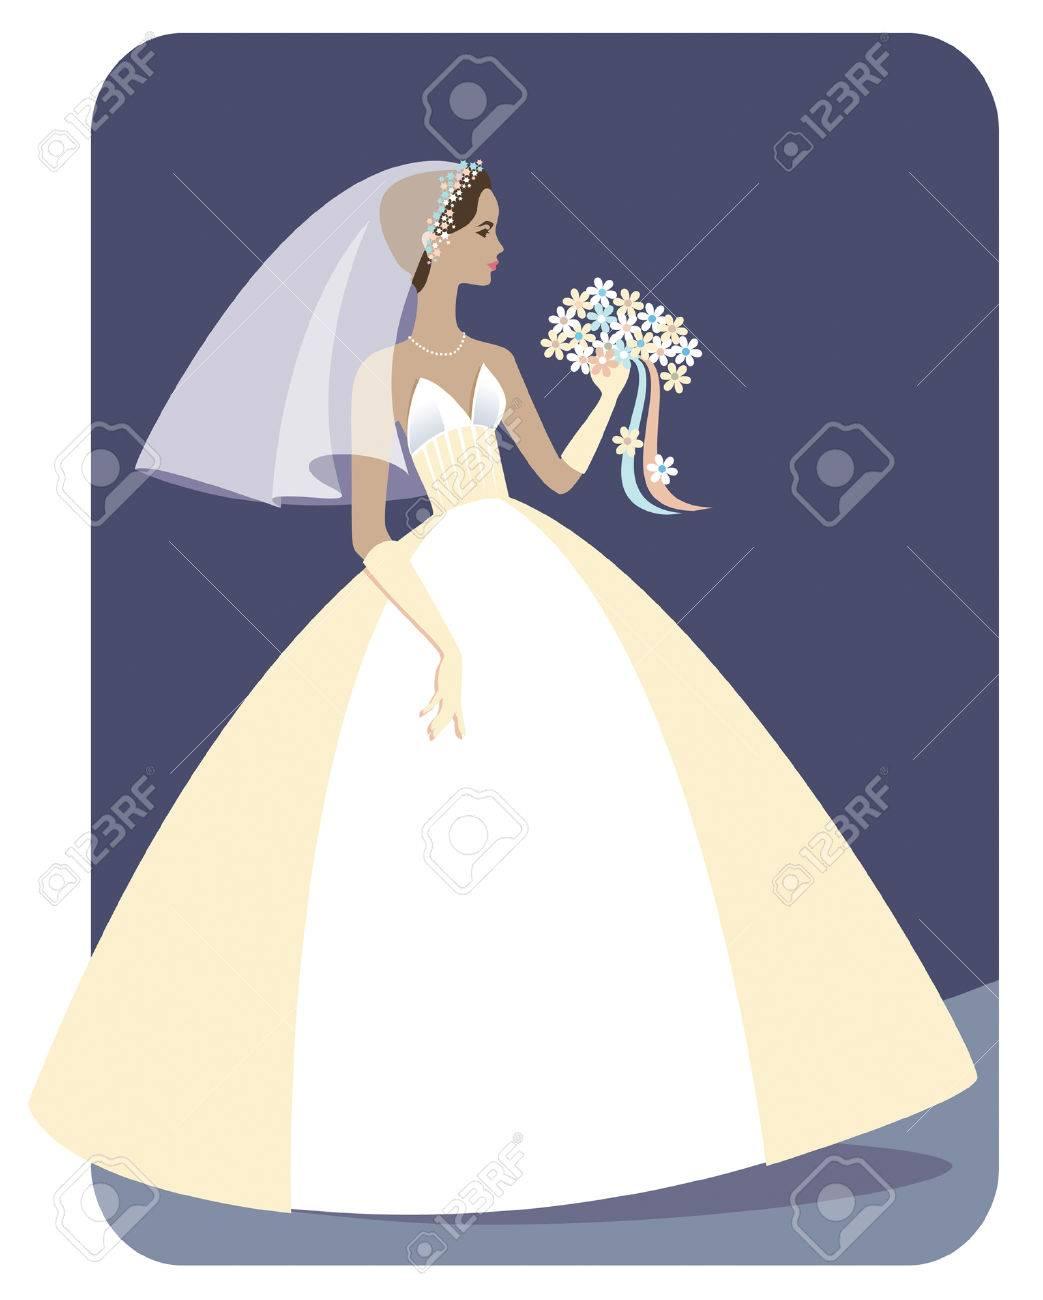 花の花束を保持しているストラッ プレスのウェディング ドレスでかわいい、細い、民族の花嫁のイラスト。多くのコピー スペース、背景を簡単に拡張できます。